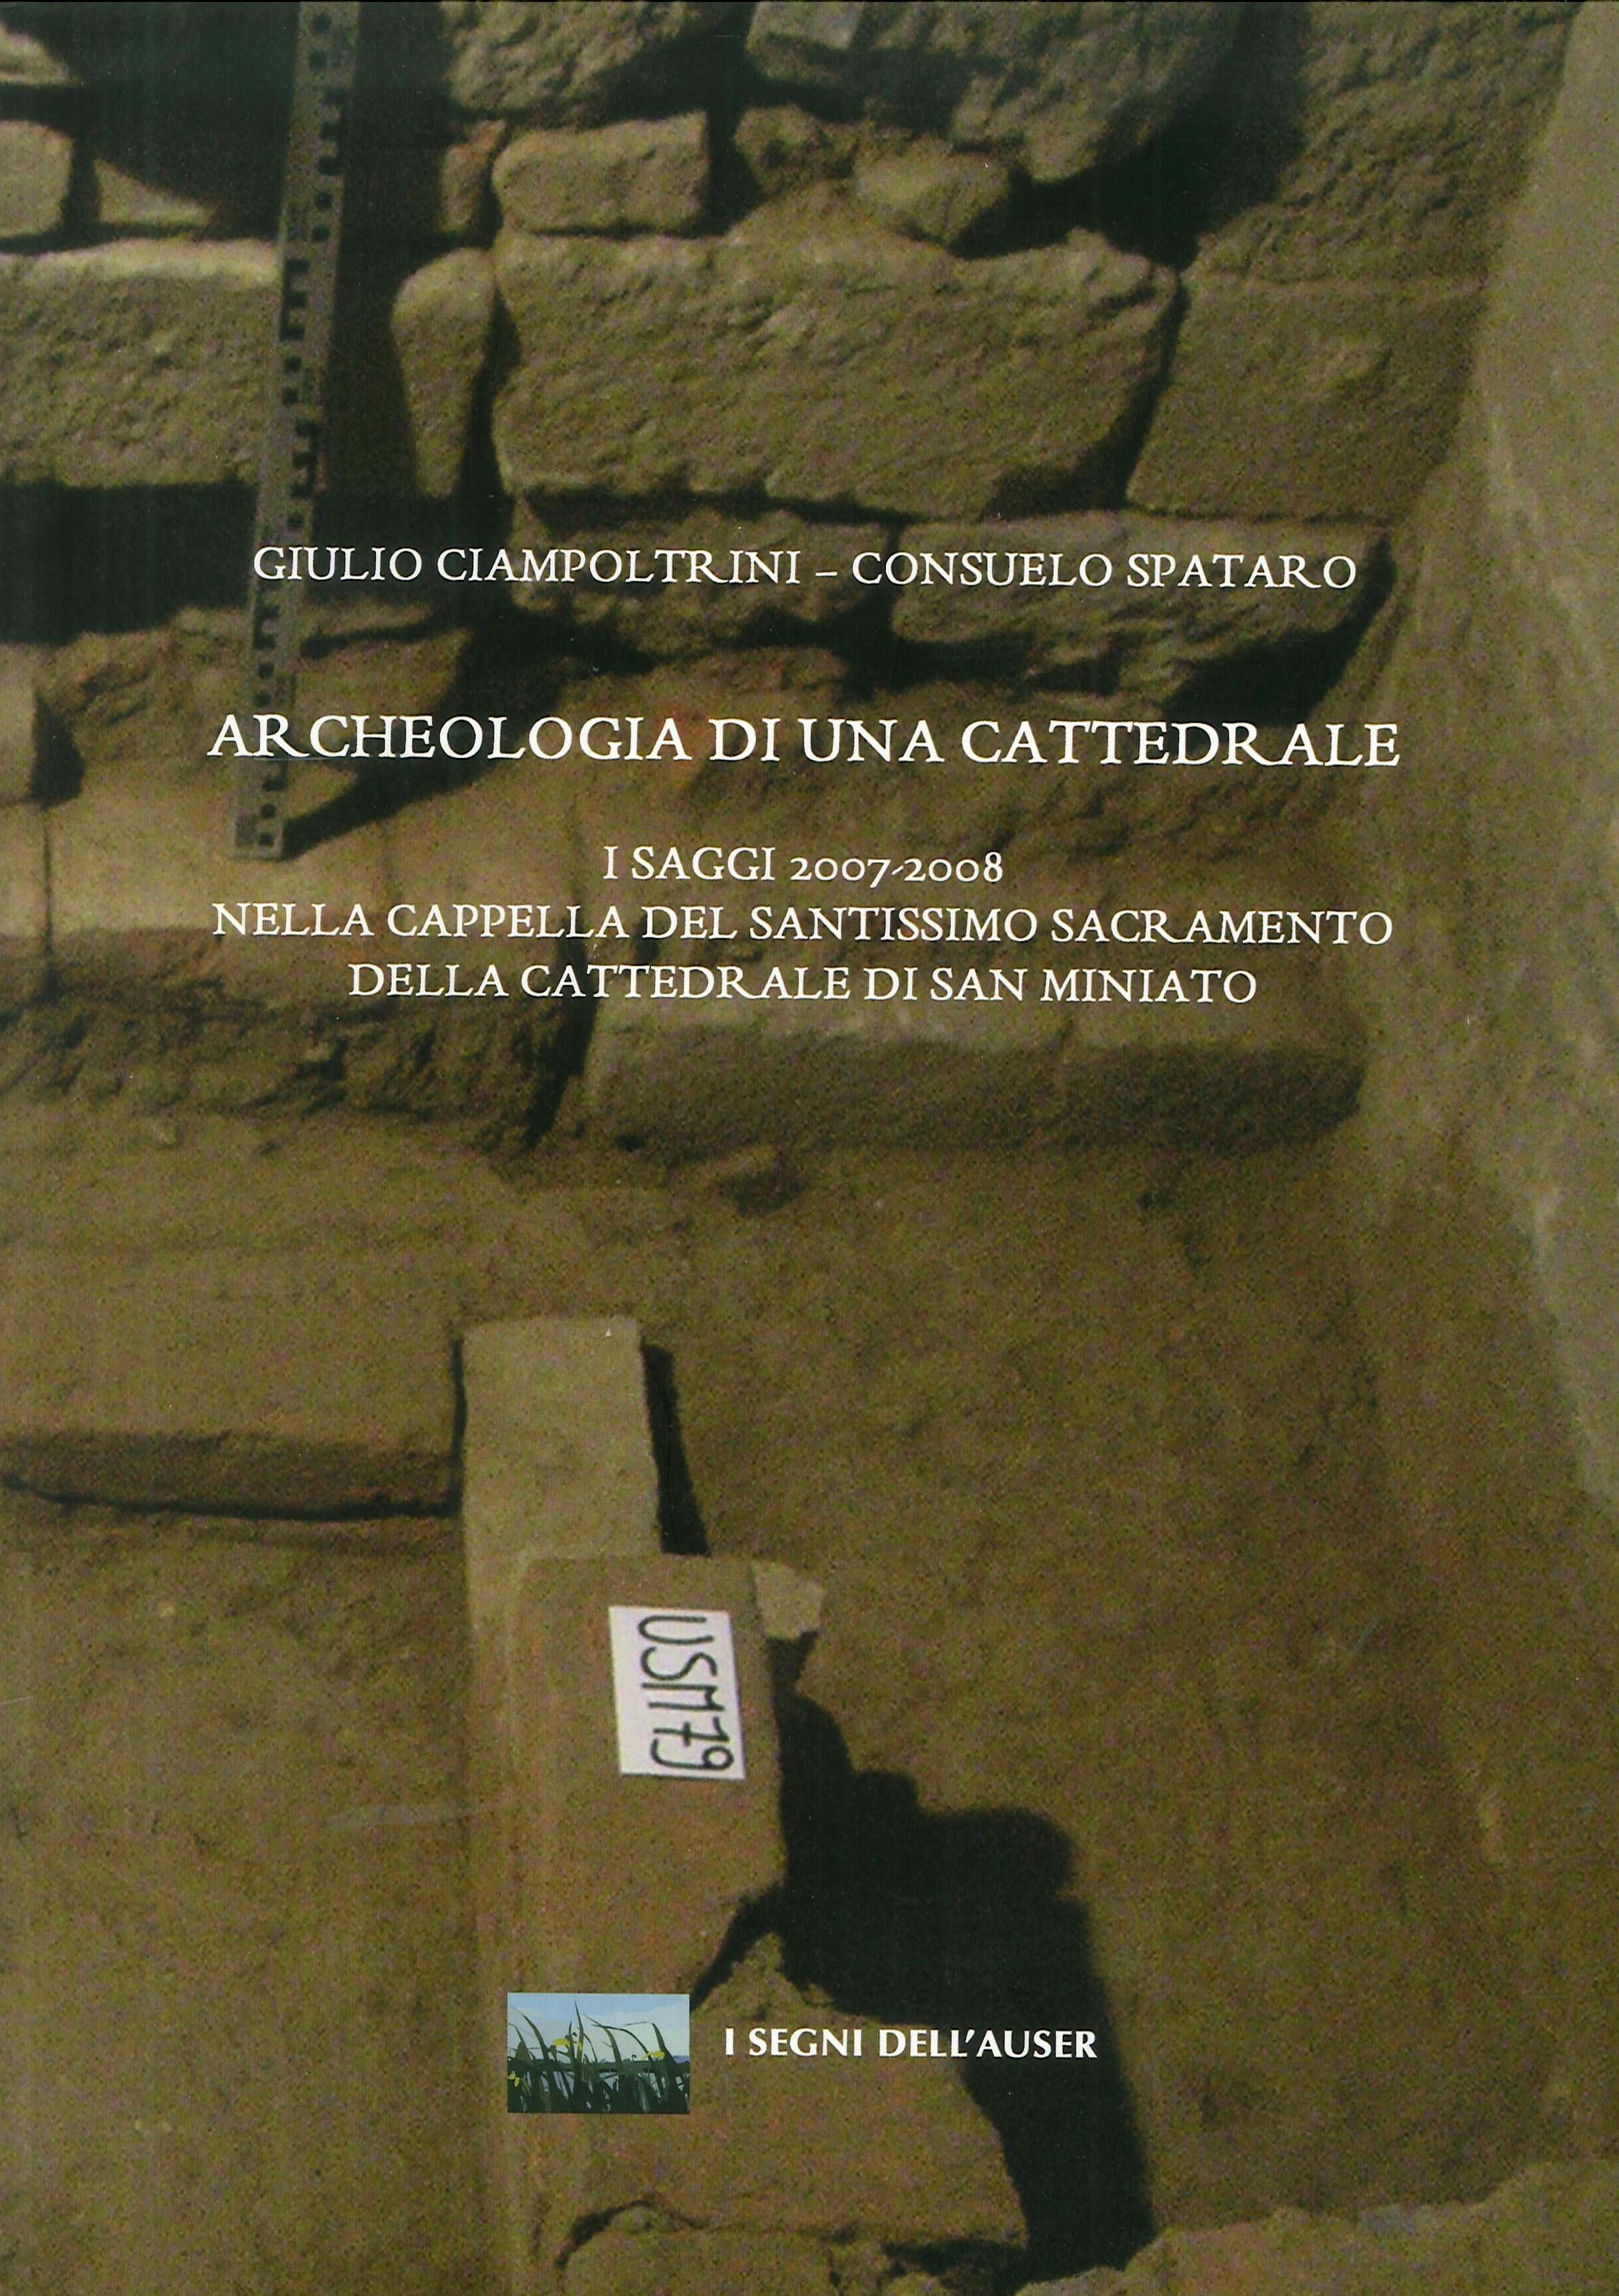 Archeologia di una Cattedrale. I saggi 2007-2008 nella Cappella del Santissimo Sacramento della Cattedrale d San Miniato